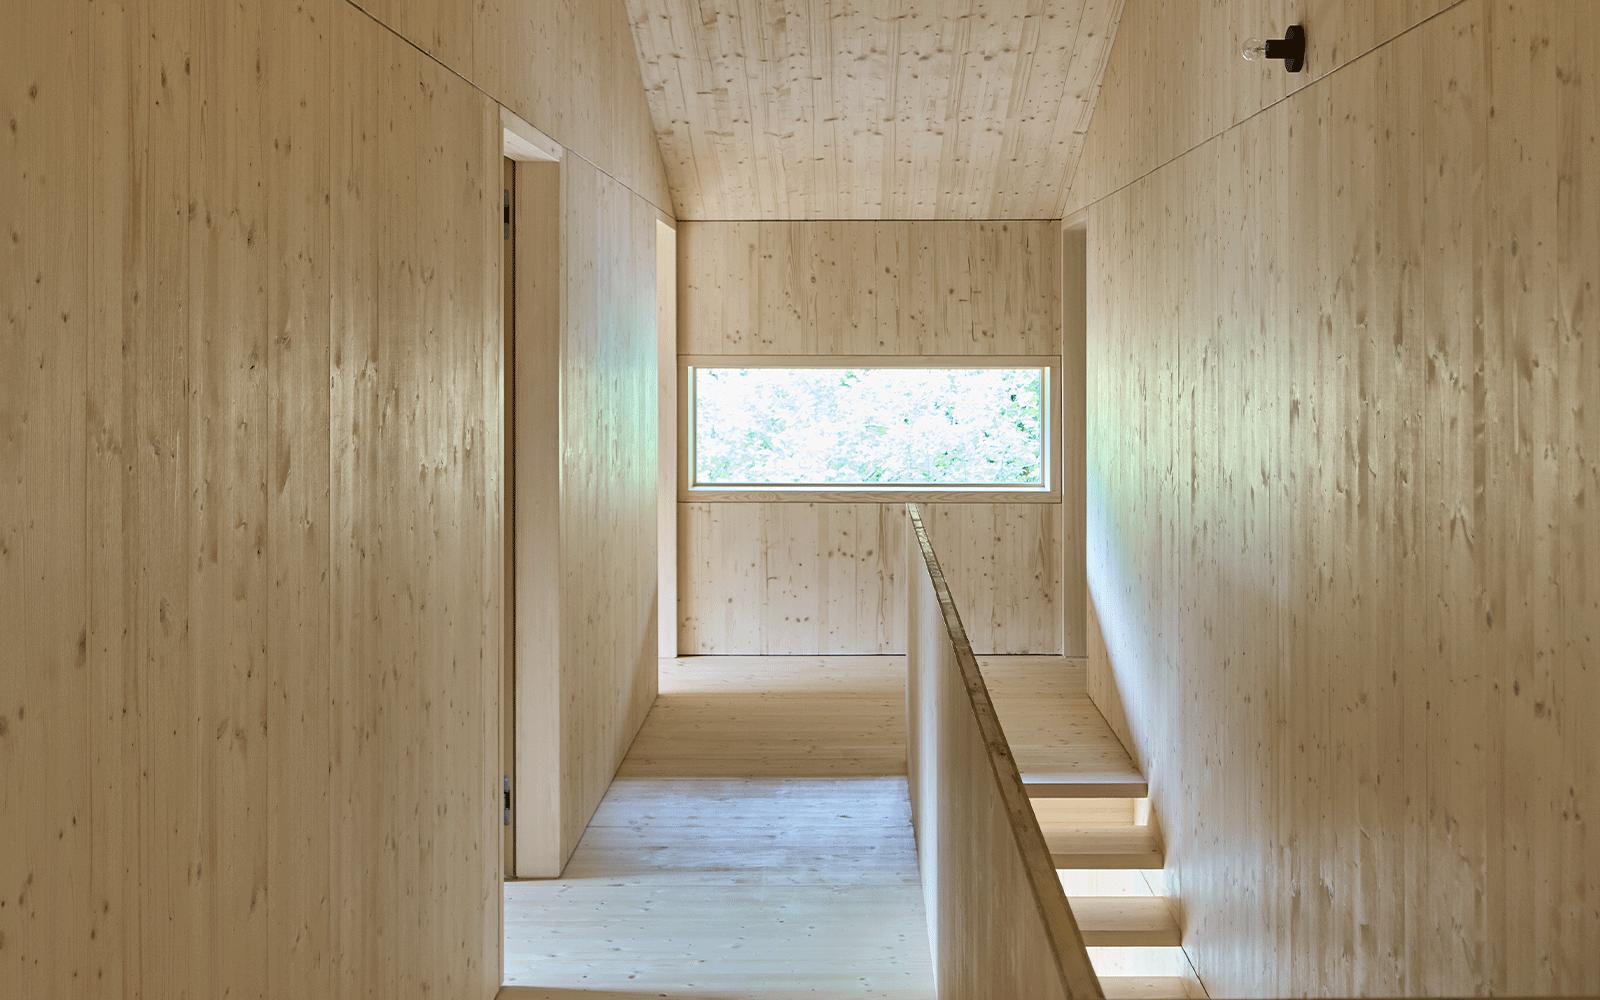 Couloir intérieur en bois